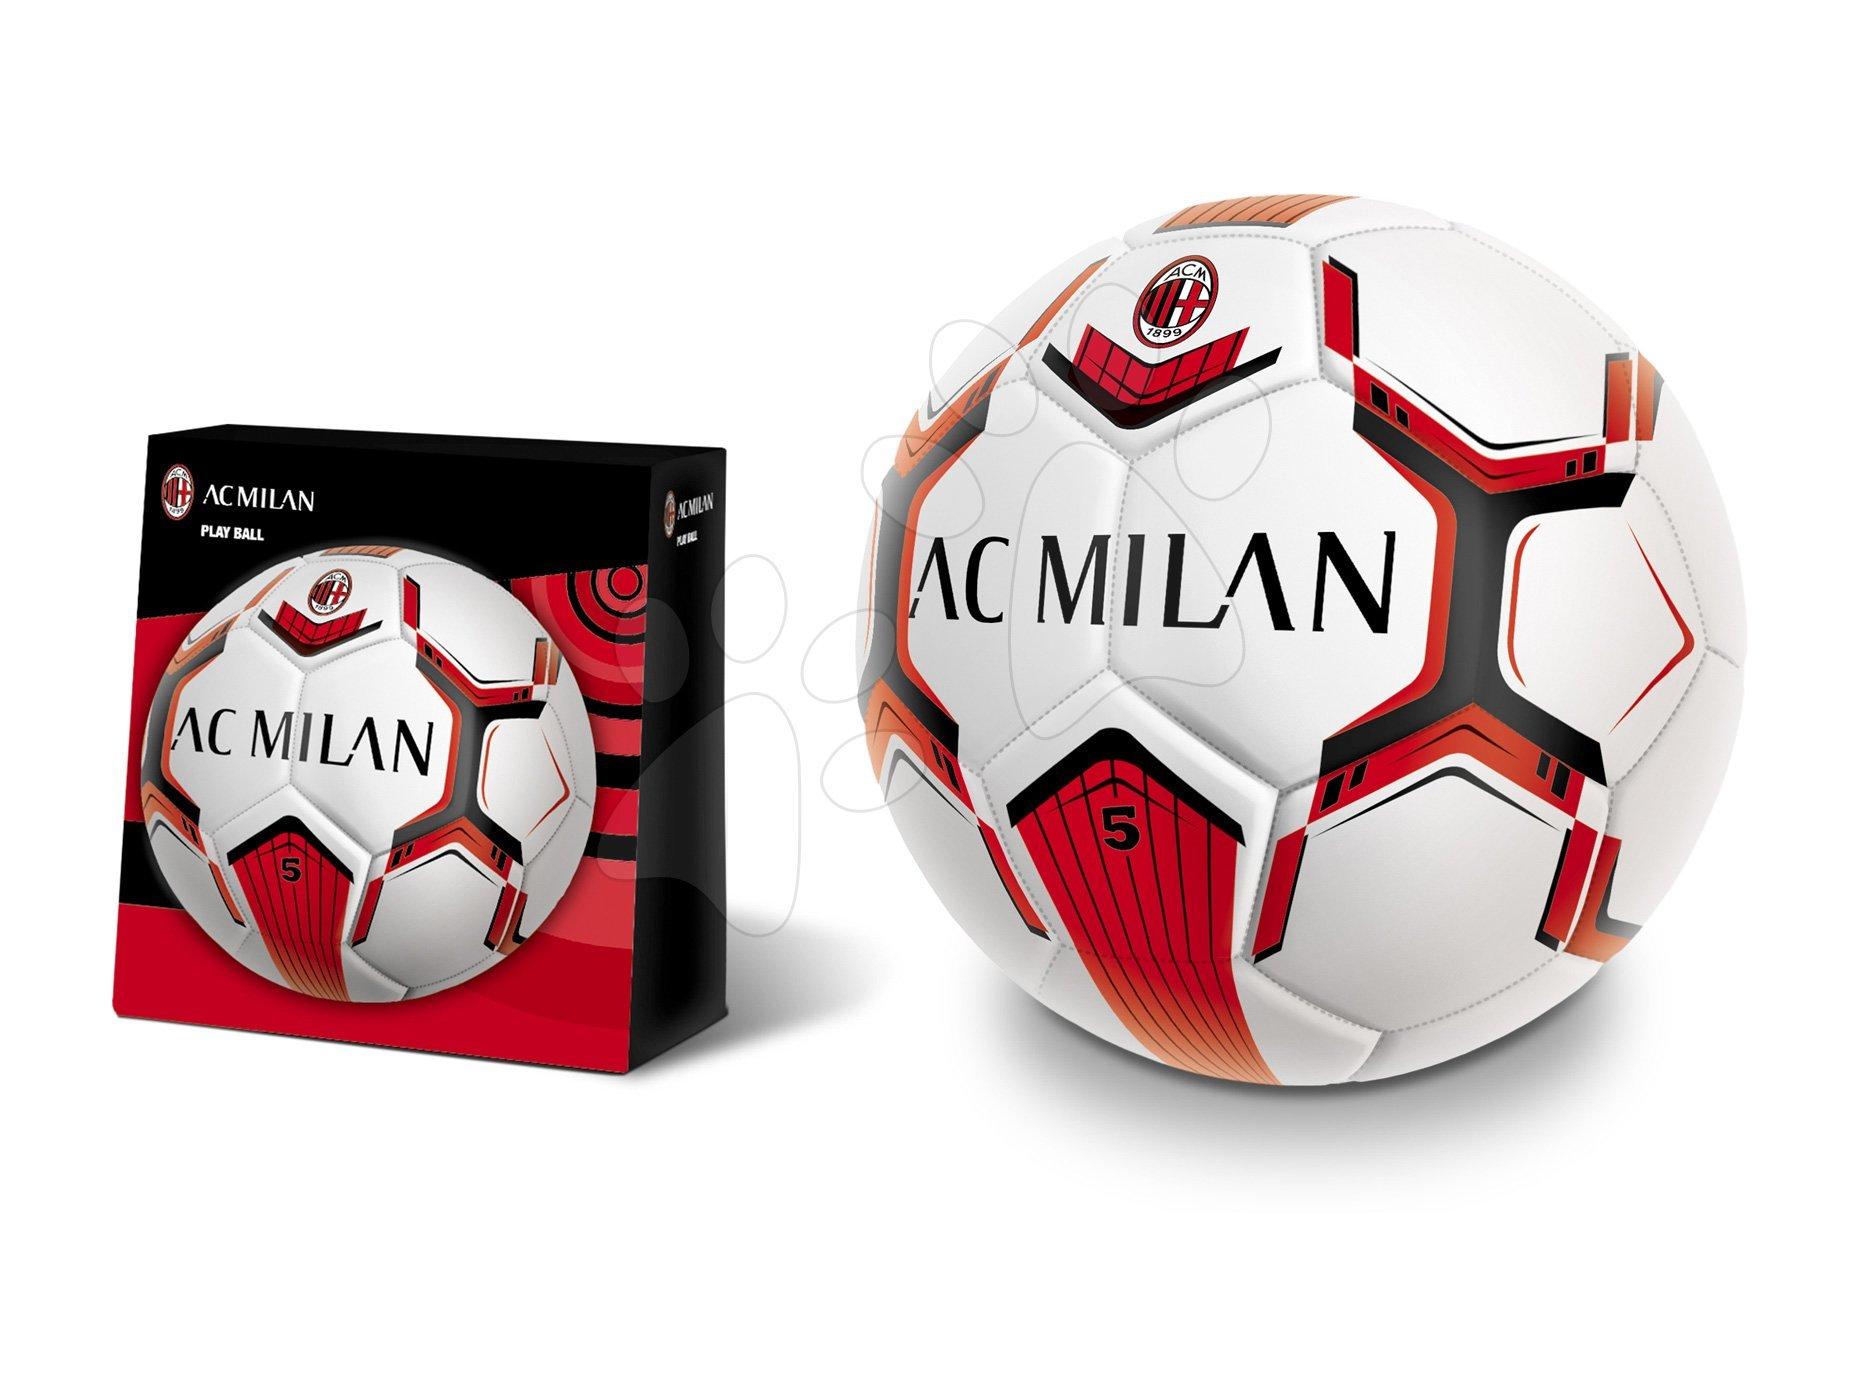 Focilabda varrott A.C.Milan Pro Mondo mérete 5